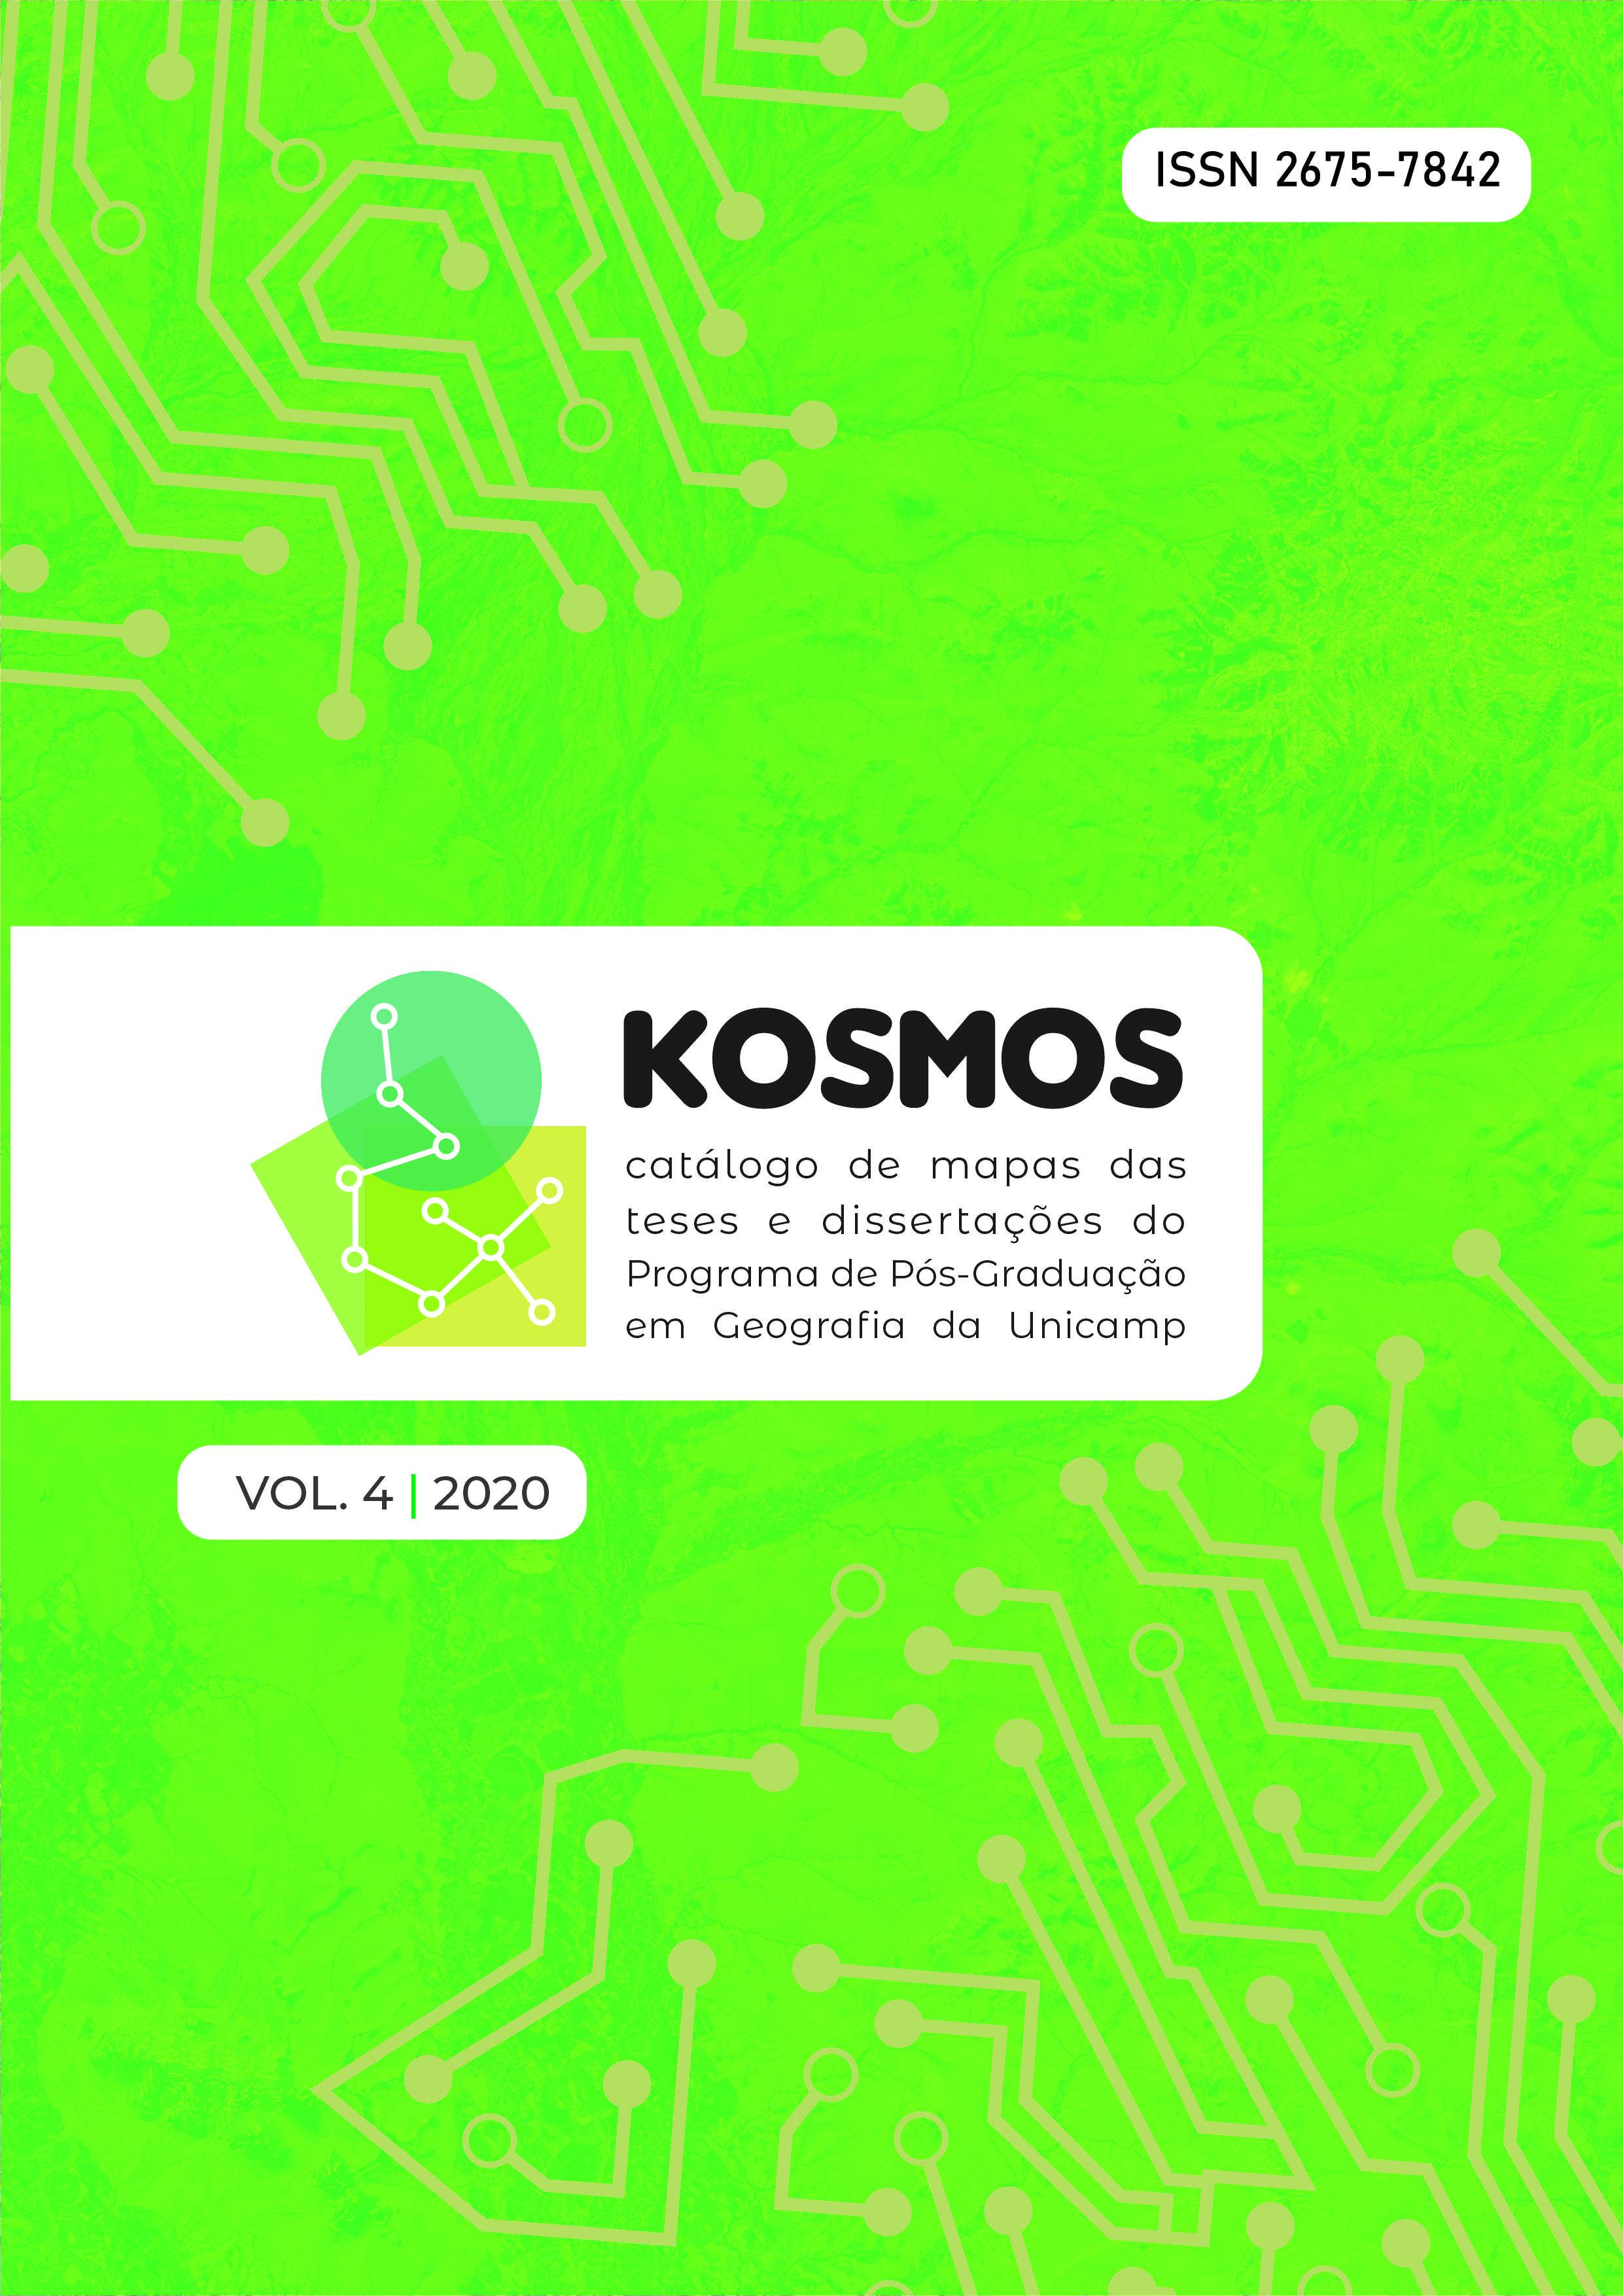 Visualizar v. 4 (2020): Kosmos: catálogo de mapas das teses e dissertações do Programa de Pós-Graduação em Geografia da Unicamp